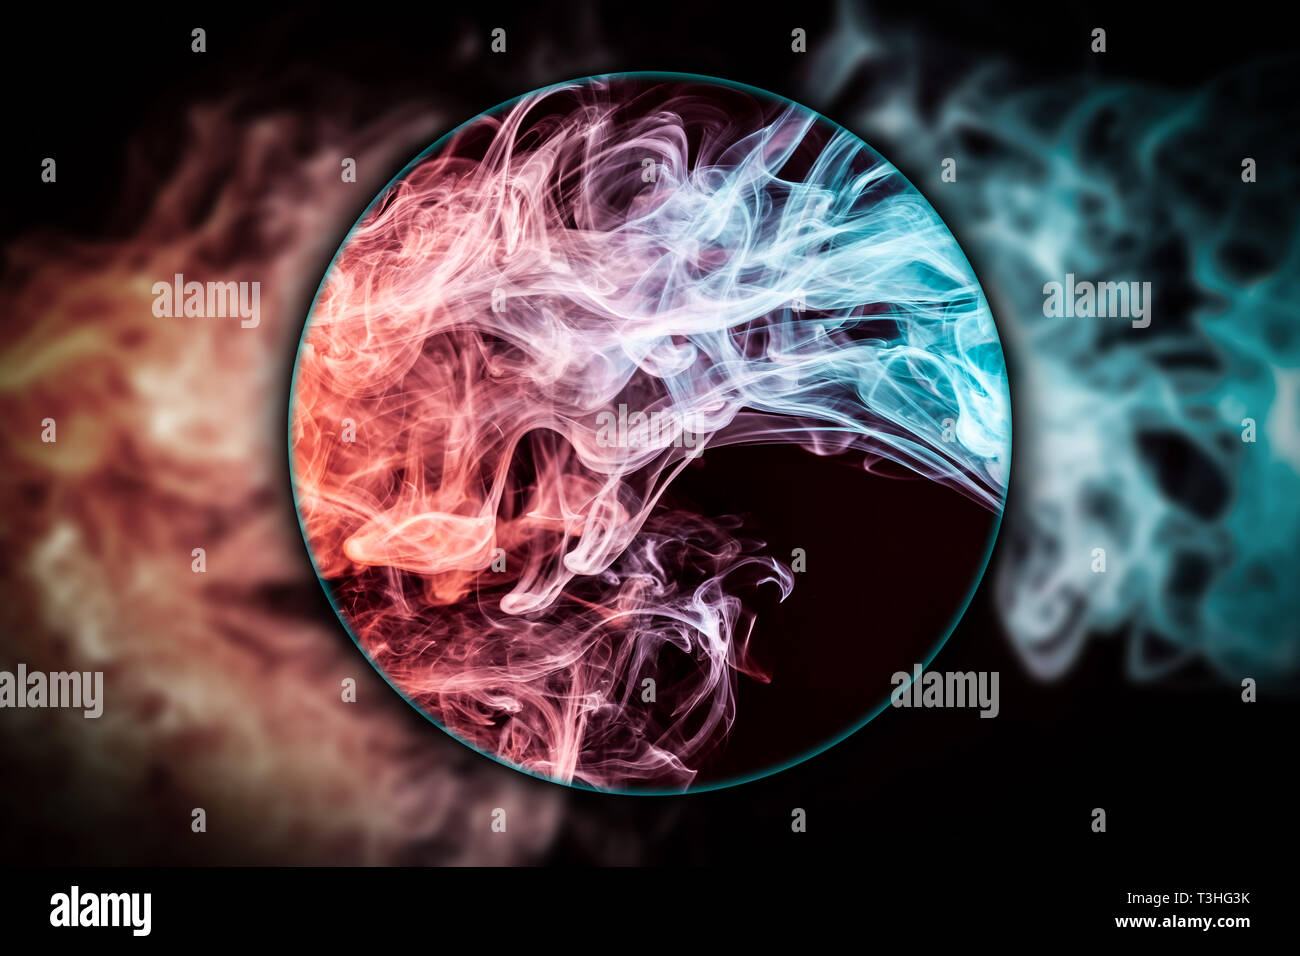 7a8ff56a34 Close-up сloud vorticoso di rosso e blu fumo soffiato sotto una lente di  ingrandimento sul nero sfondo isolato